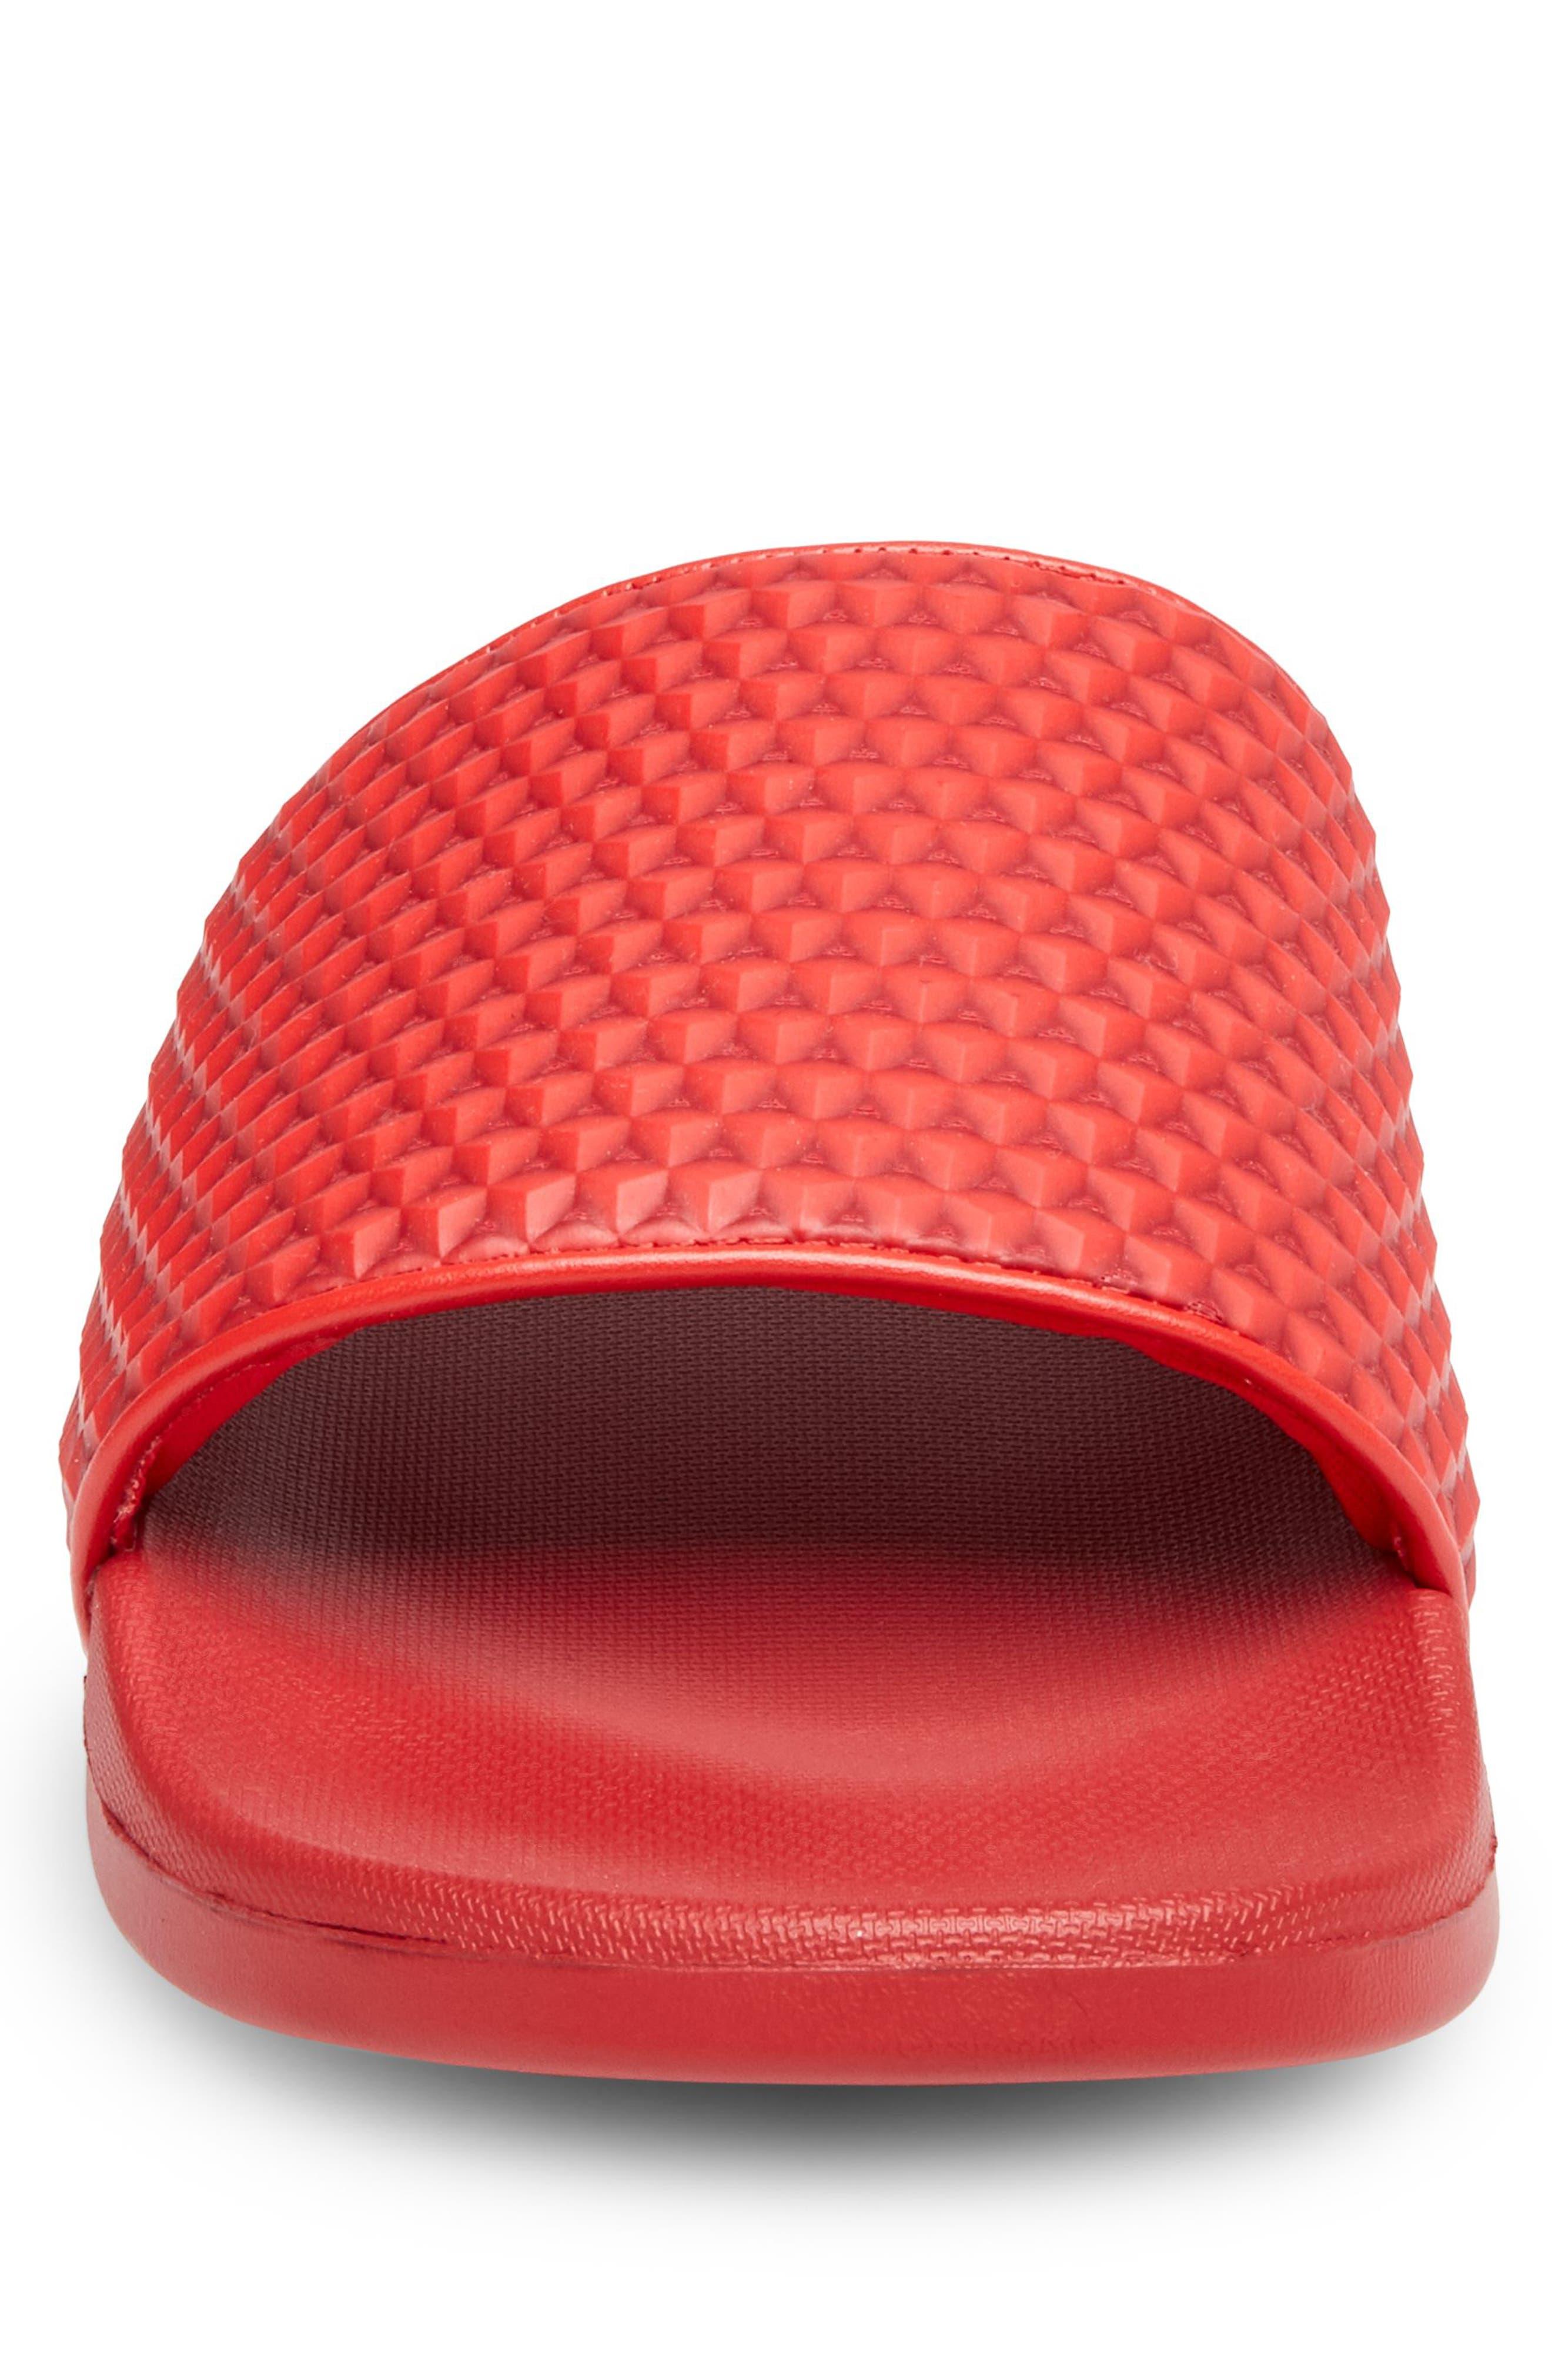 Riptide Slide Sandal,                             Alternate thumbnail 4, color,                             Red